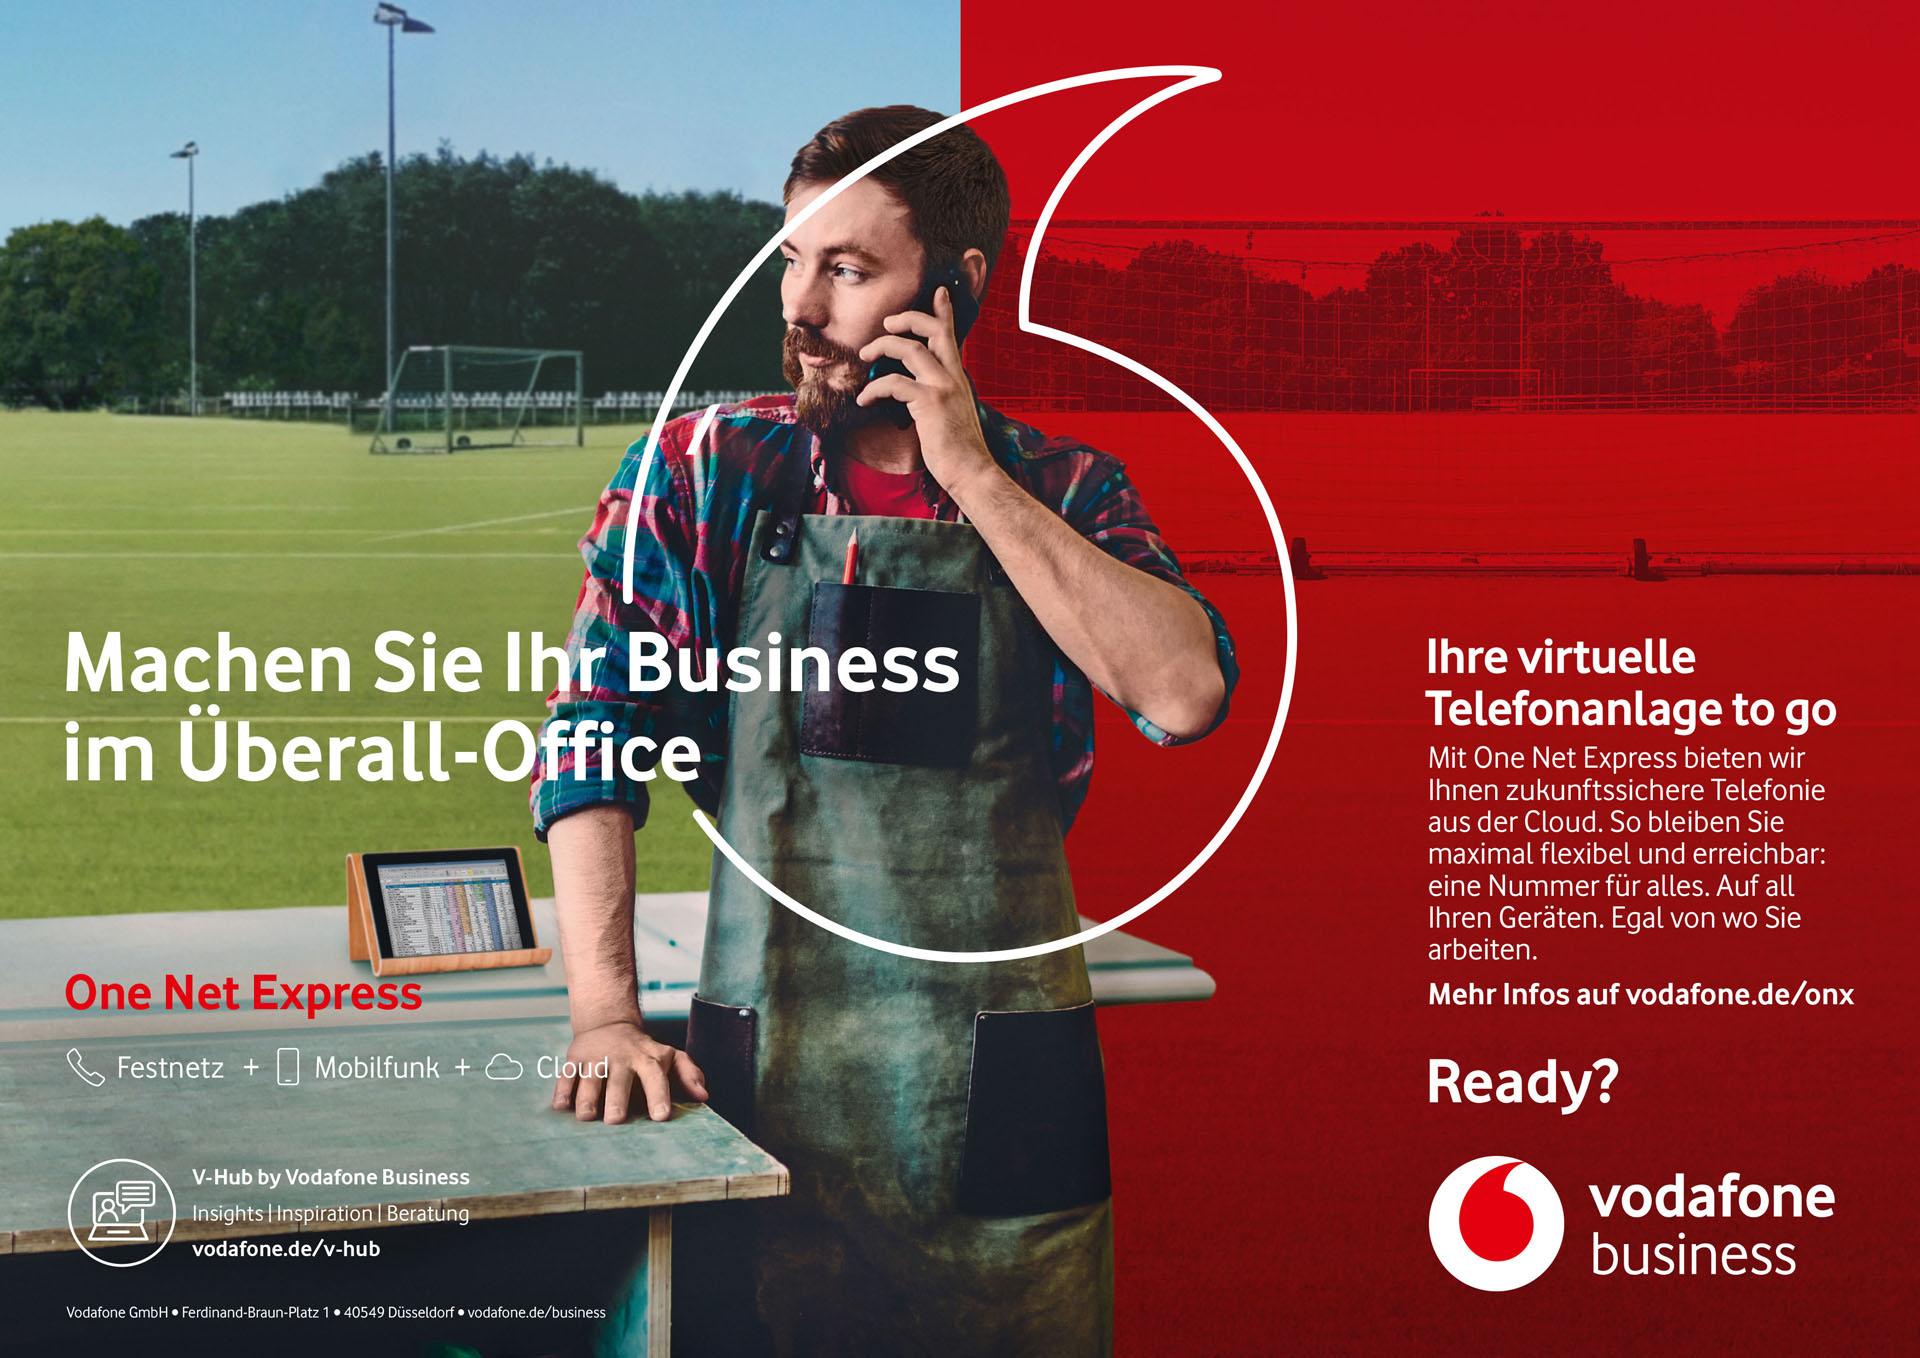 Banner zur One Net Express Kampagne